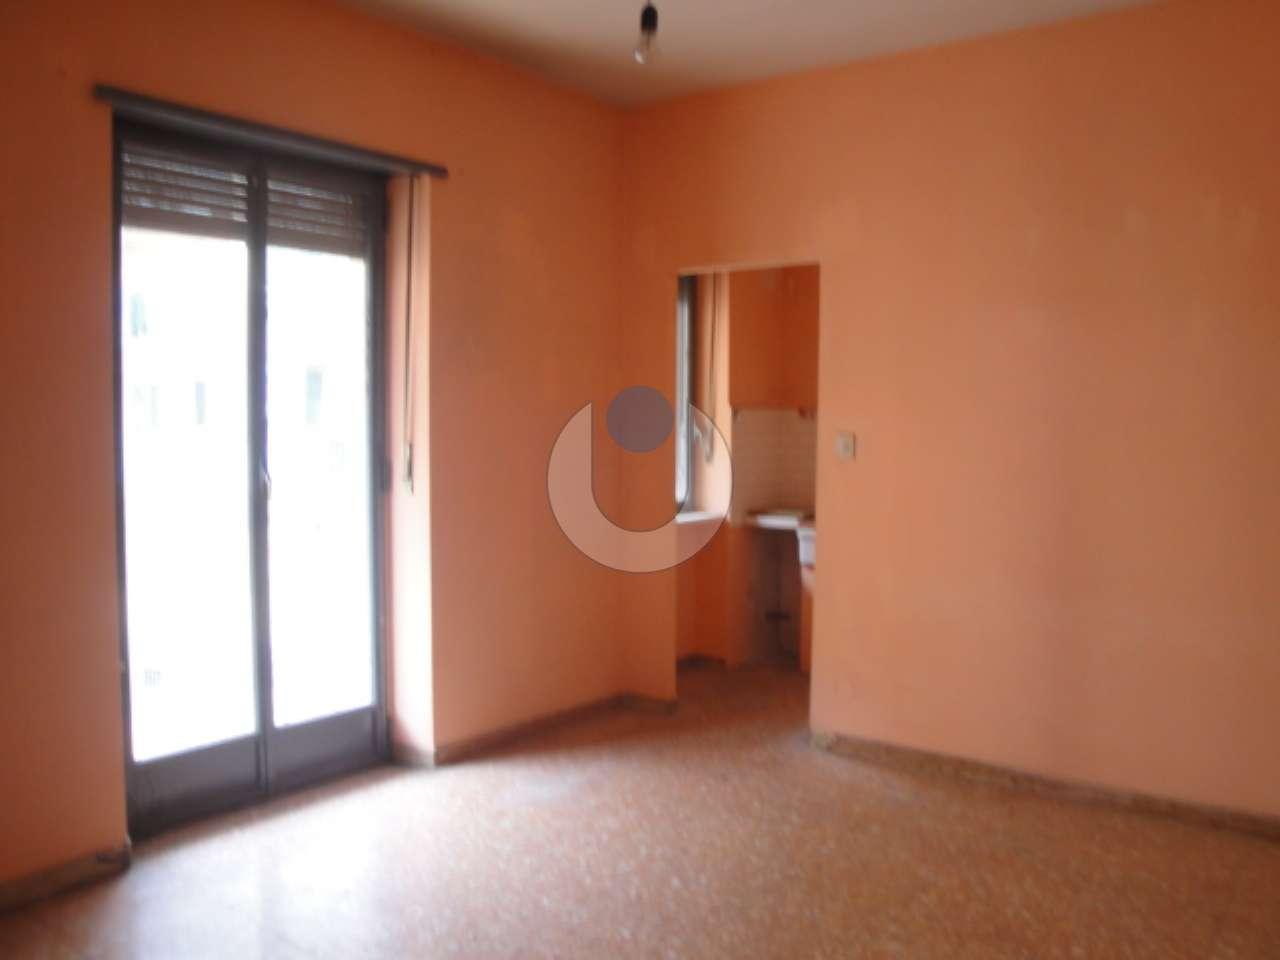 Appartamento in vendita a pinerolo via san lazzaro for Arredo bagno pinerolo